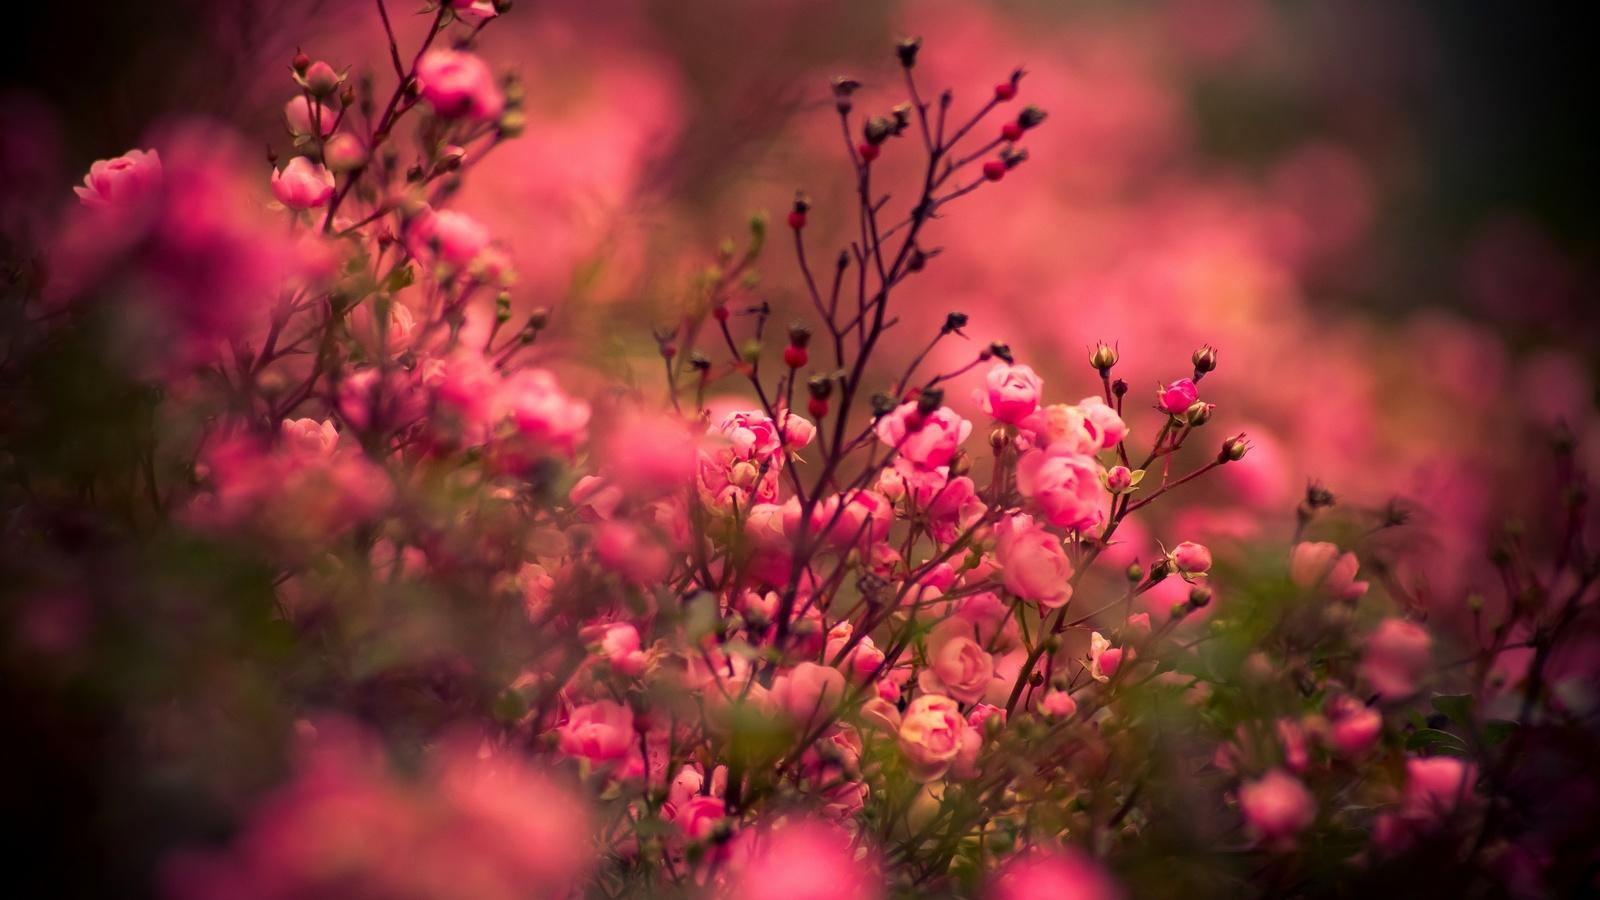 цветы, розы, flower, flowers, rose, roses, nature